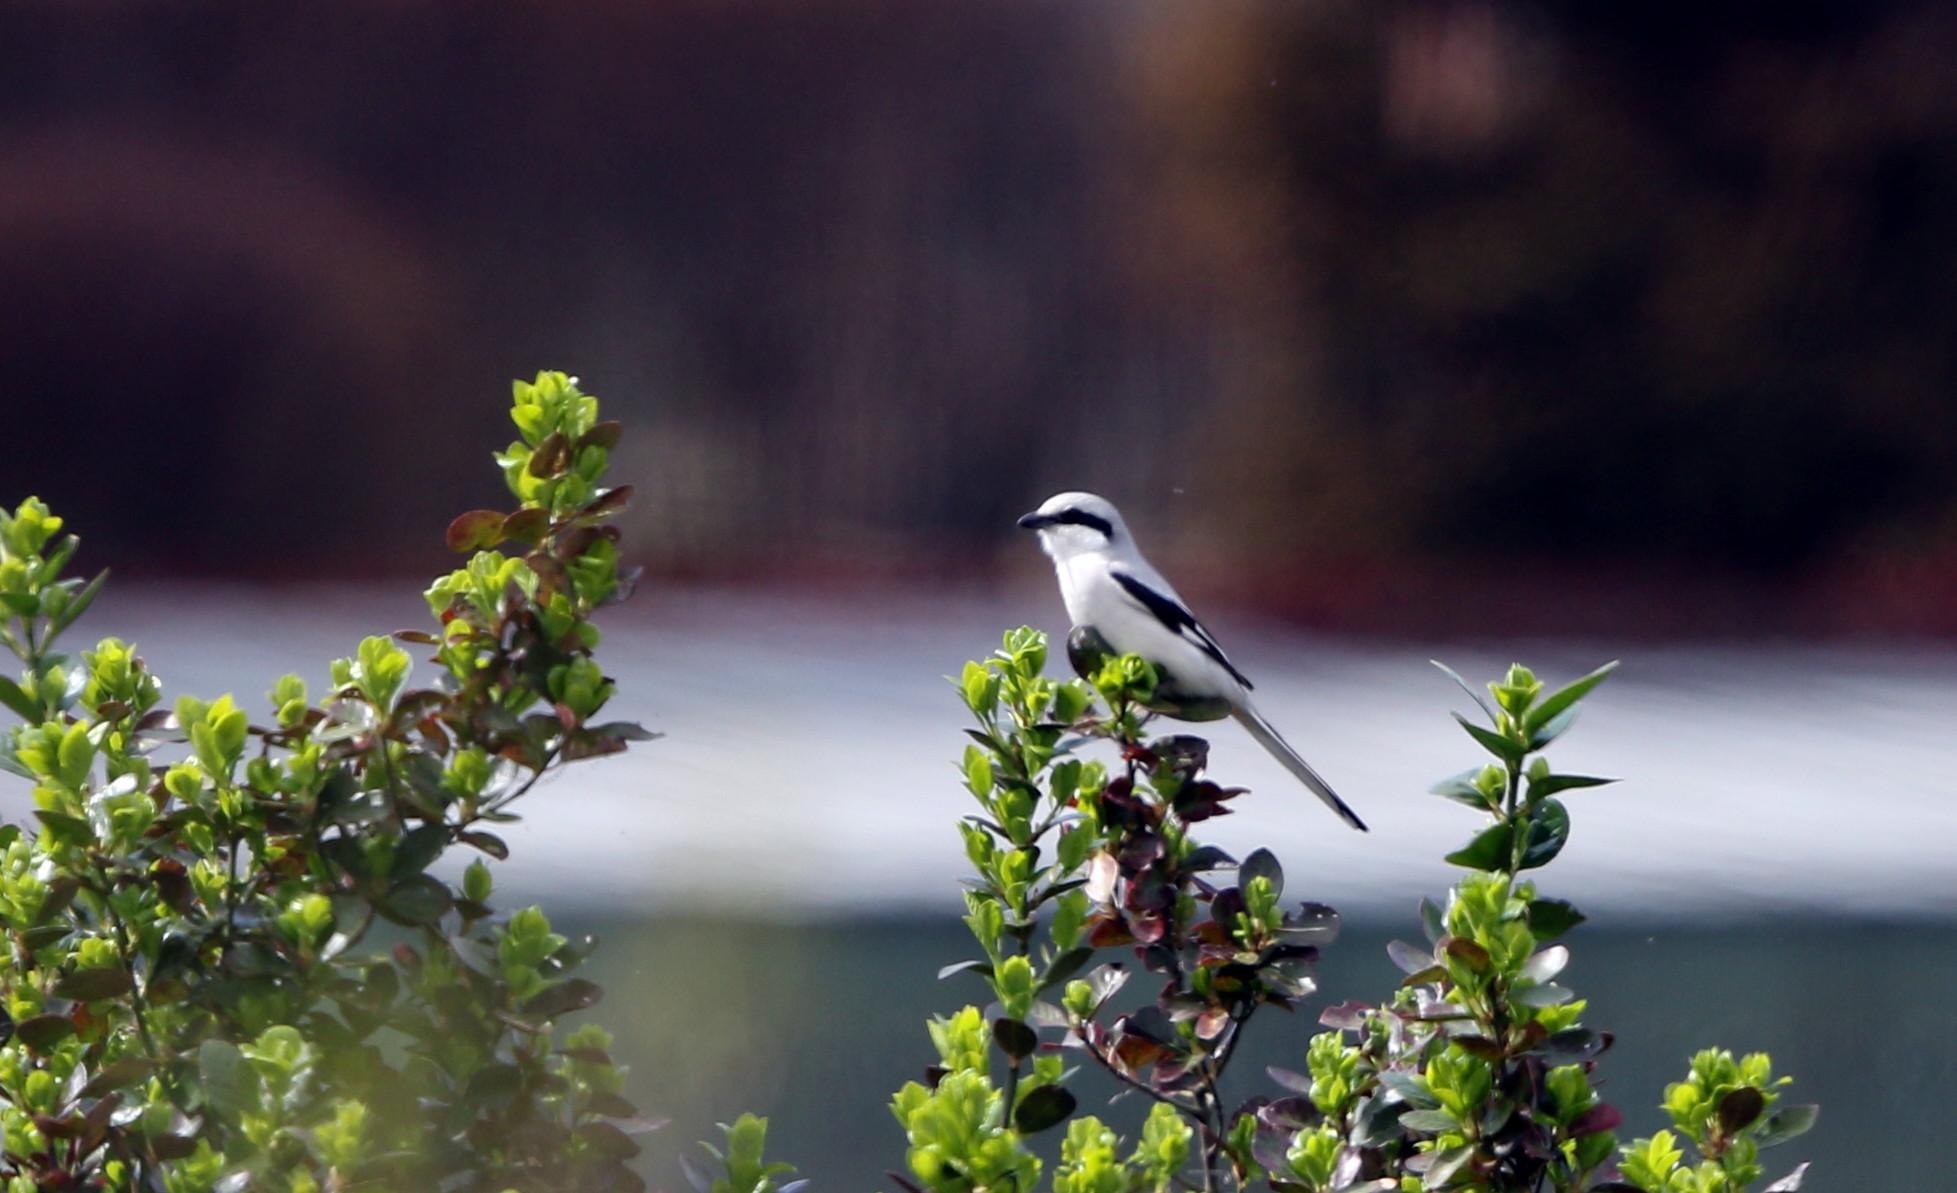 珍鳥オオカラモズに逢いに出かけてきました_f0239515_2114593.jpg